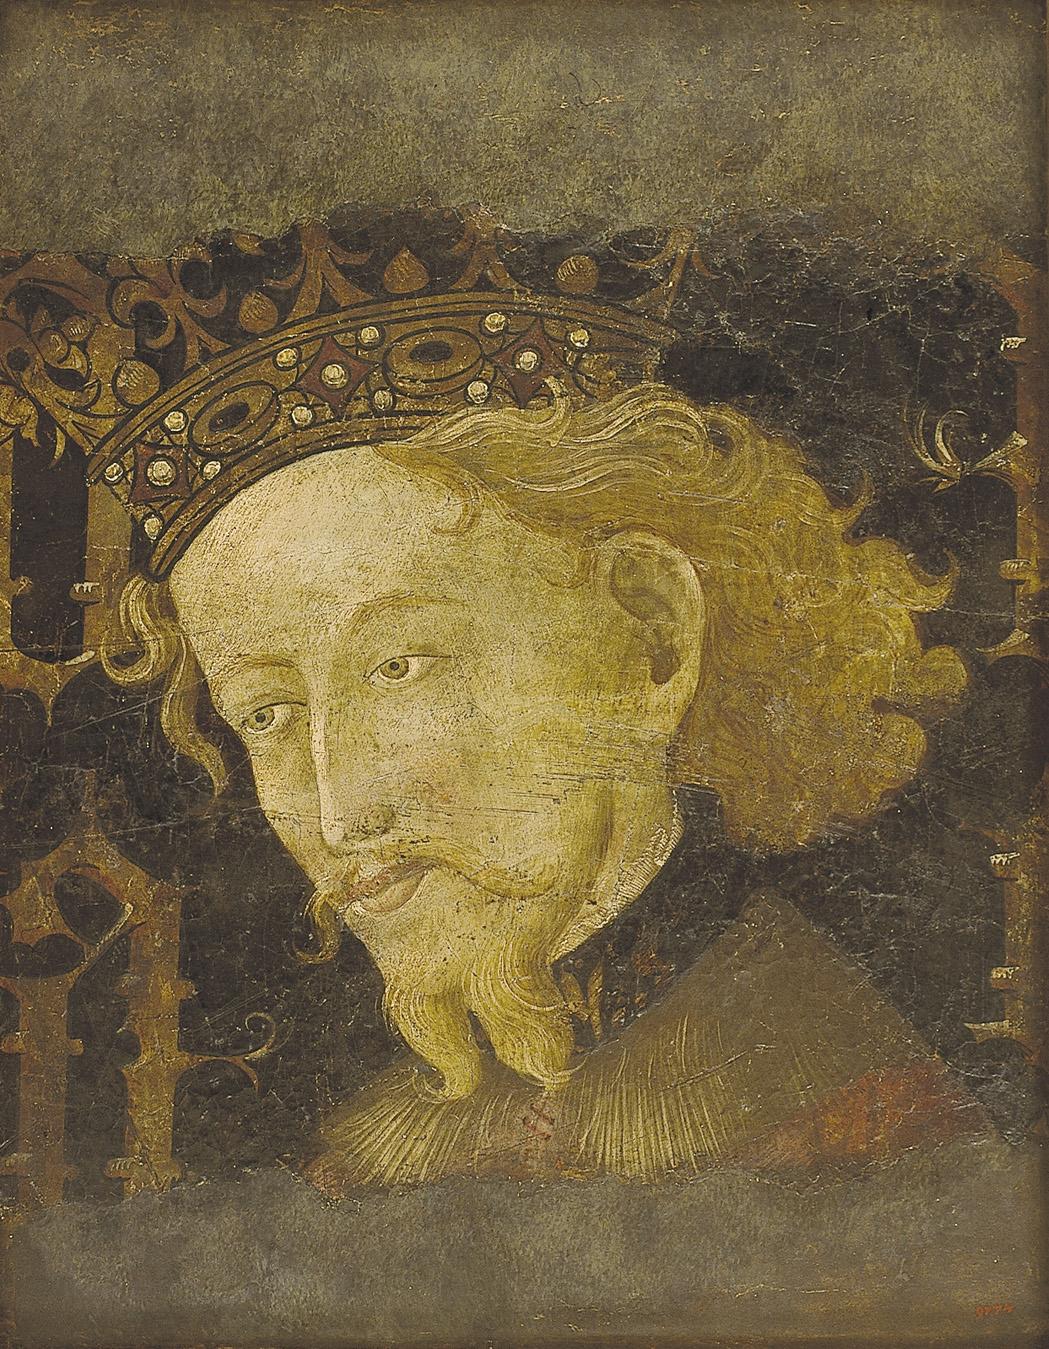 Jaume Mateu - Jaume I el Conqueridor - 1427